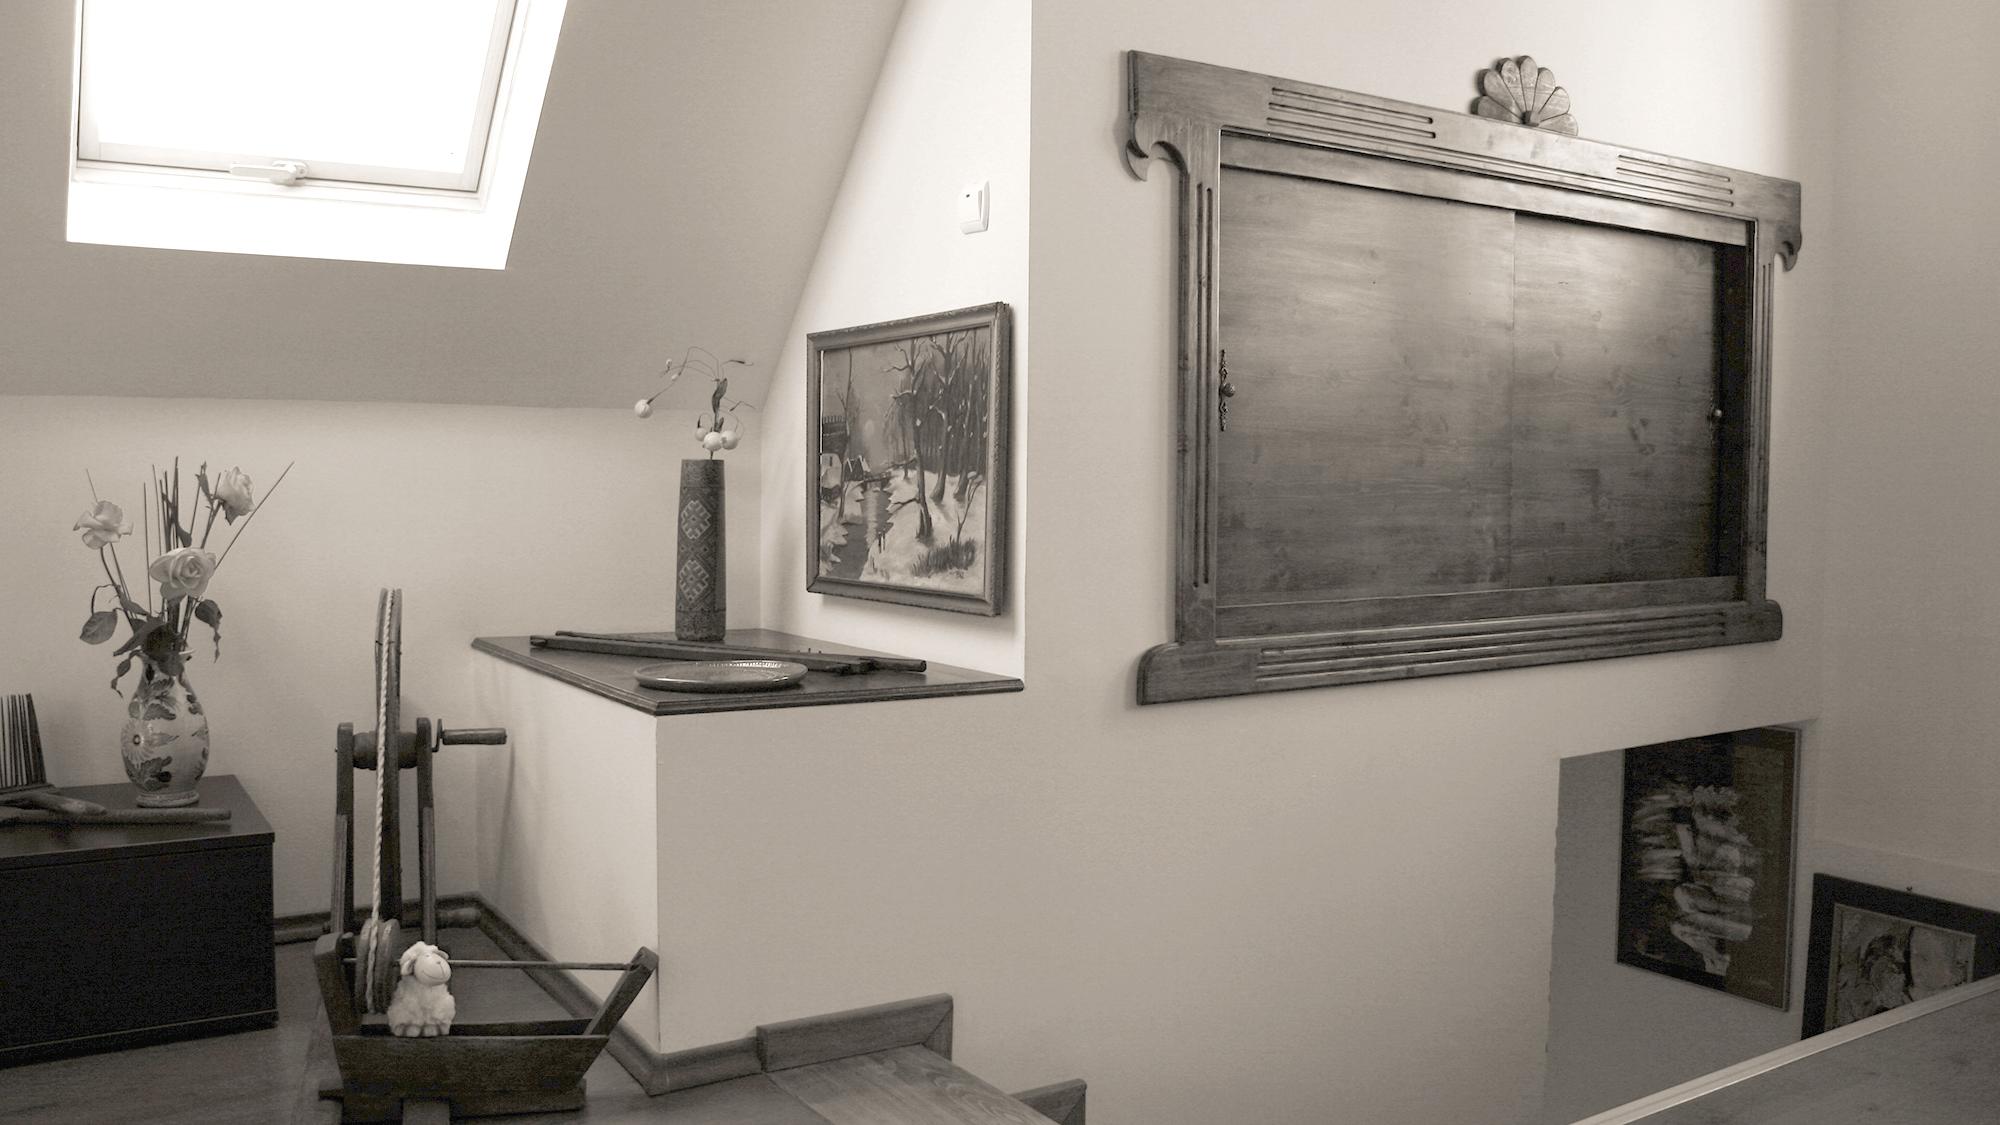 Lenghel atelier de mobila mobilier concept for Mobilier concept